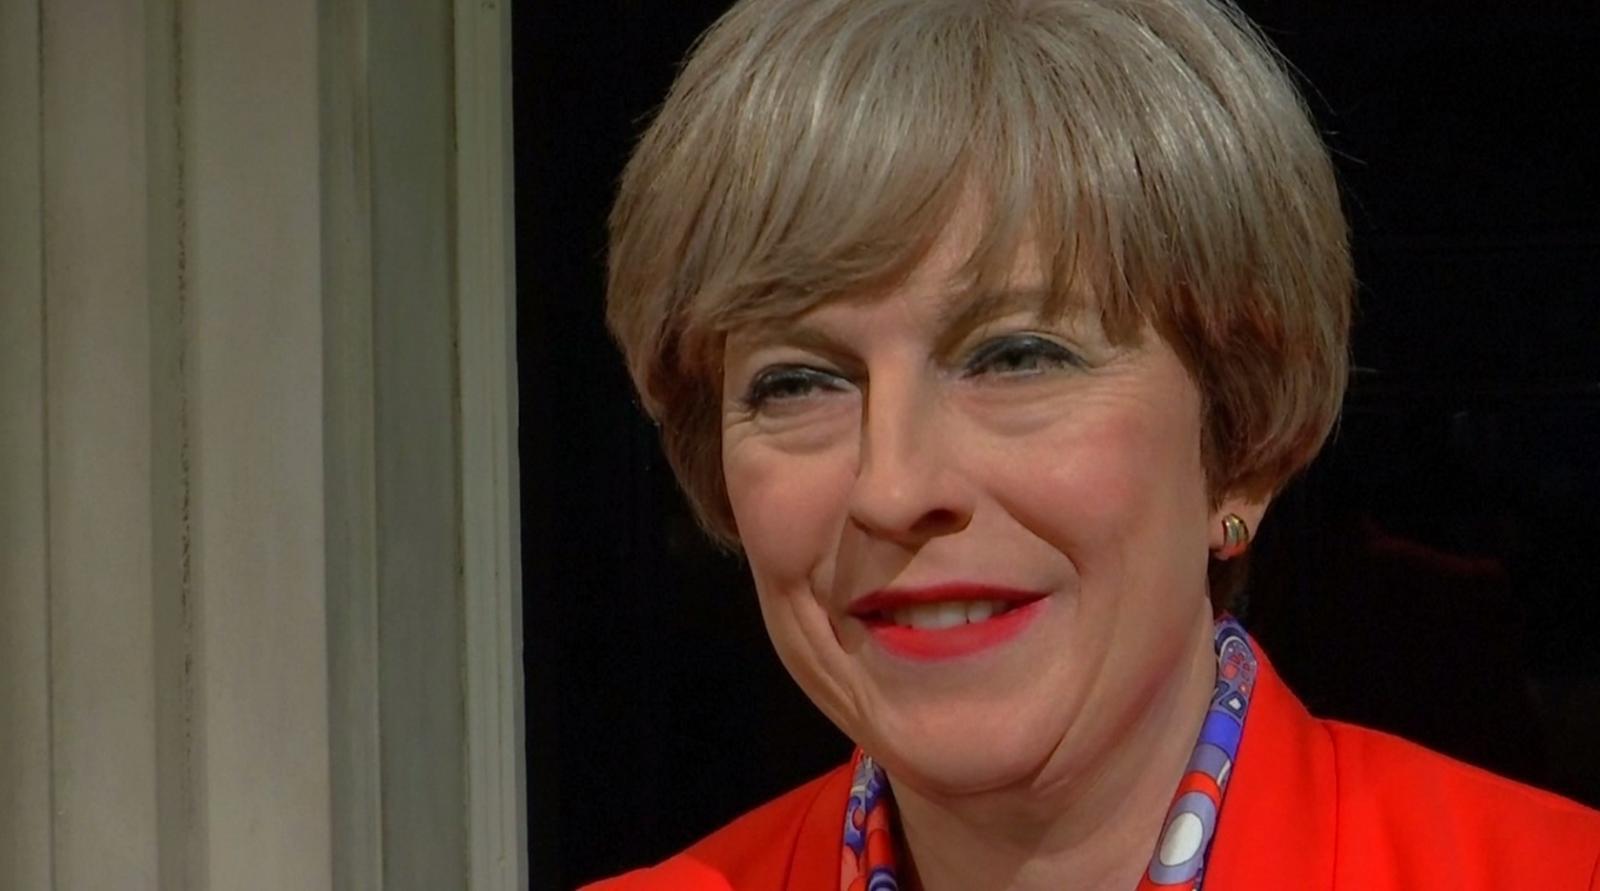 มาดามทุสโซด์ อวดโฉมหุ่นขี้ผึ้งนายกฯ อังกฤษ